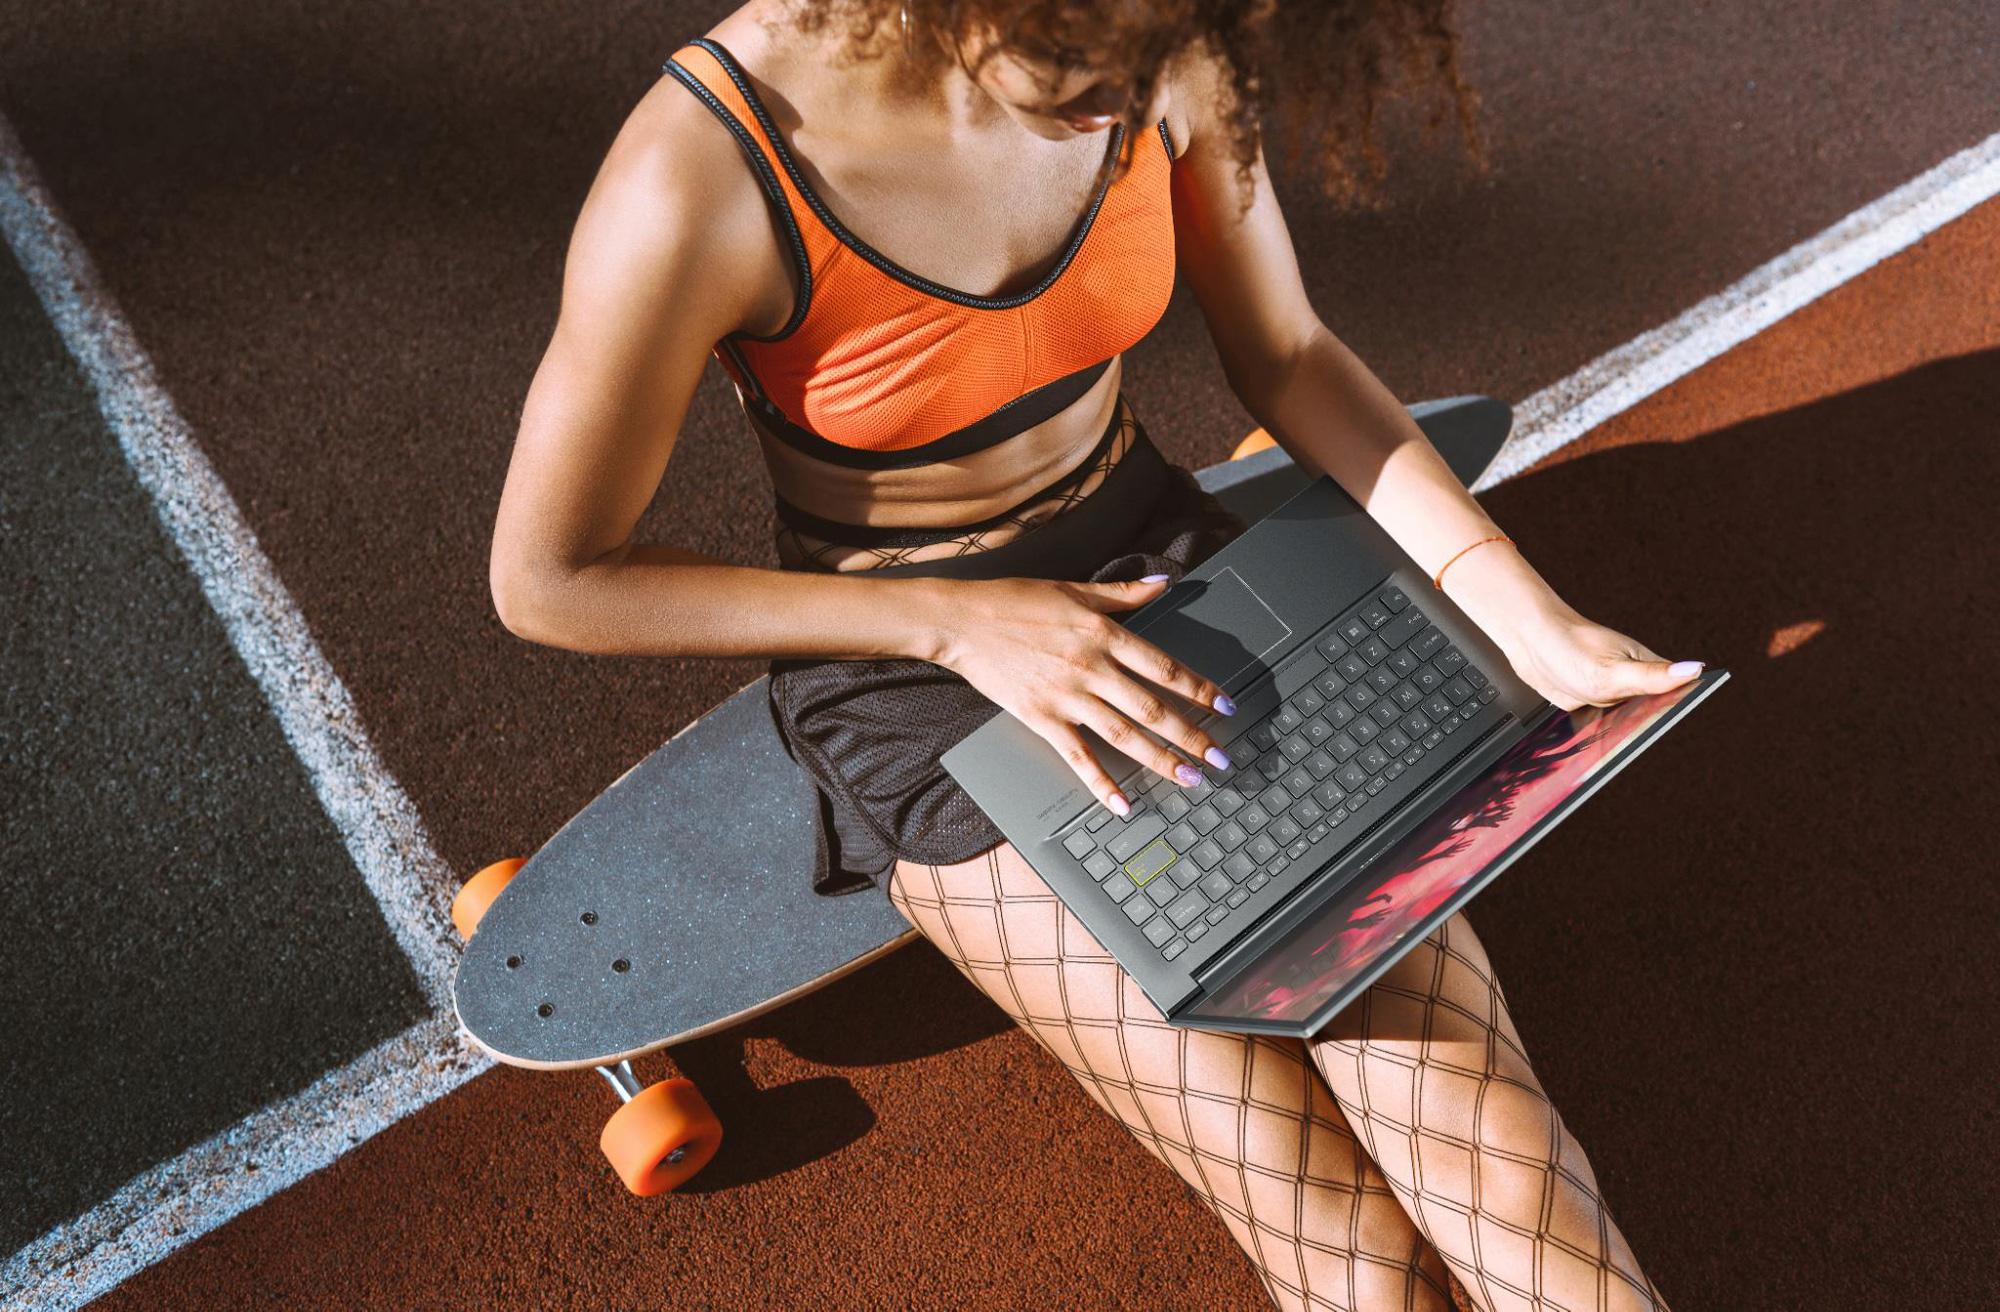 ASUS VivoBook 15 OLED - Mẫu laptop hot hit mới cho Gen Z mùa tựu trường 2021 - Ảnh 3.